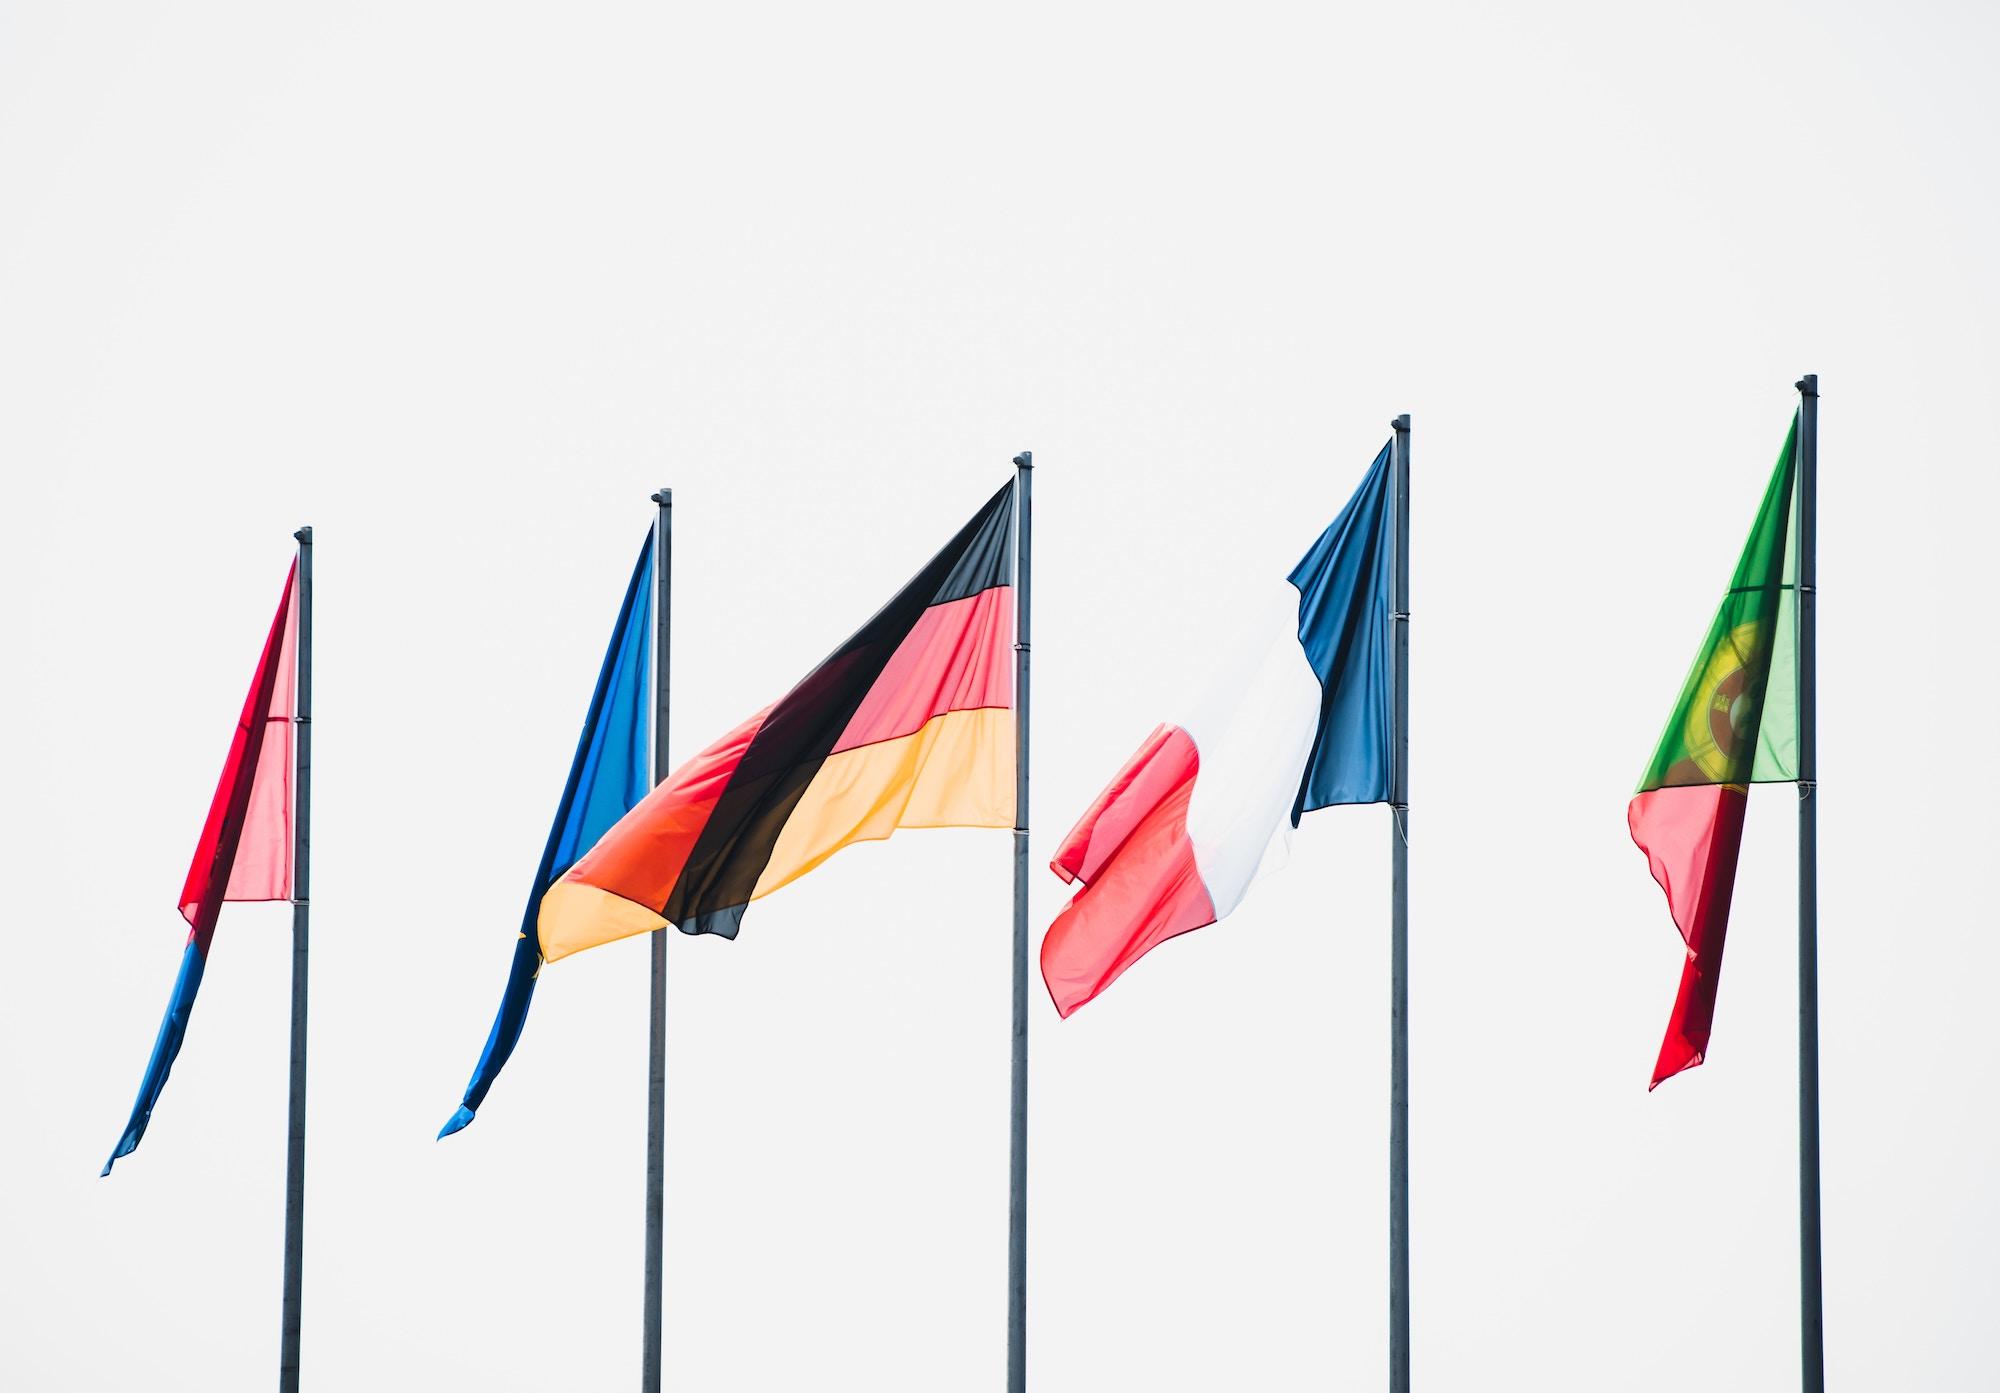 ЄС залишається основним напрямком для українського експорту